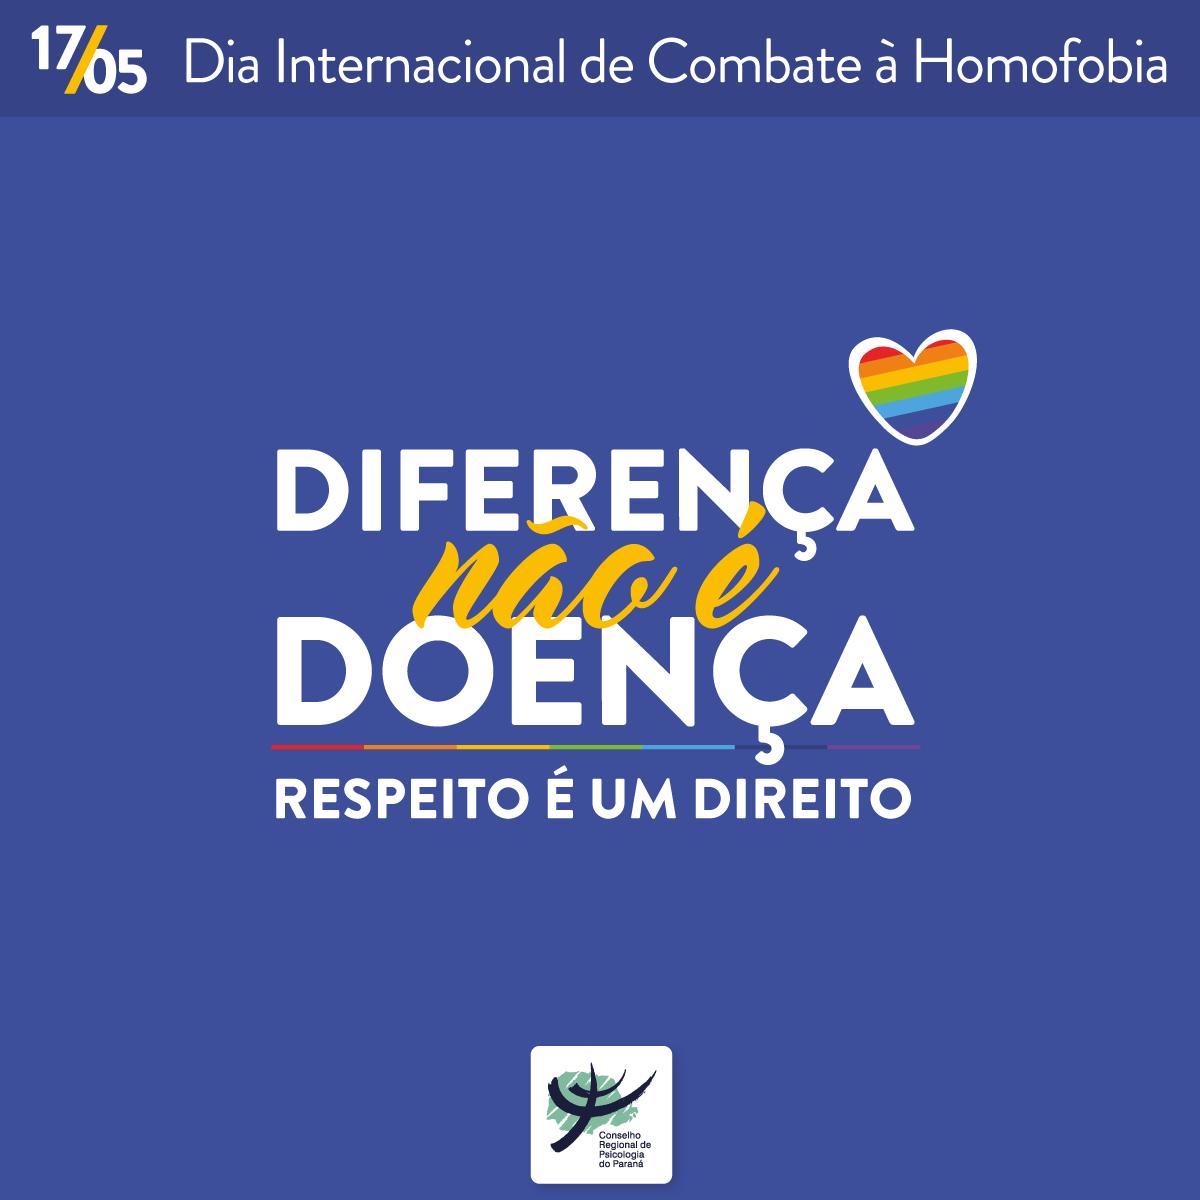 Dia Internacional de Combate à Homofobia: Psicologia deve promover respeito a todas as pessoas